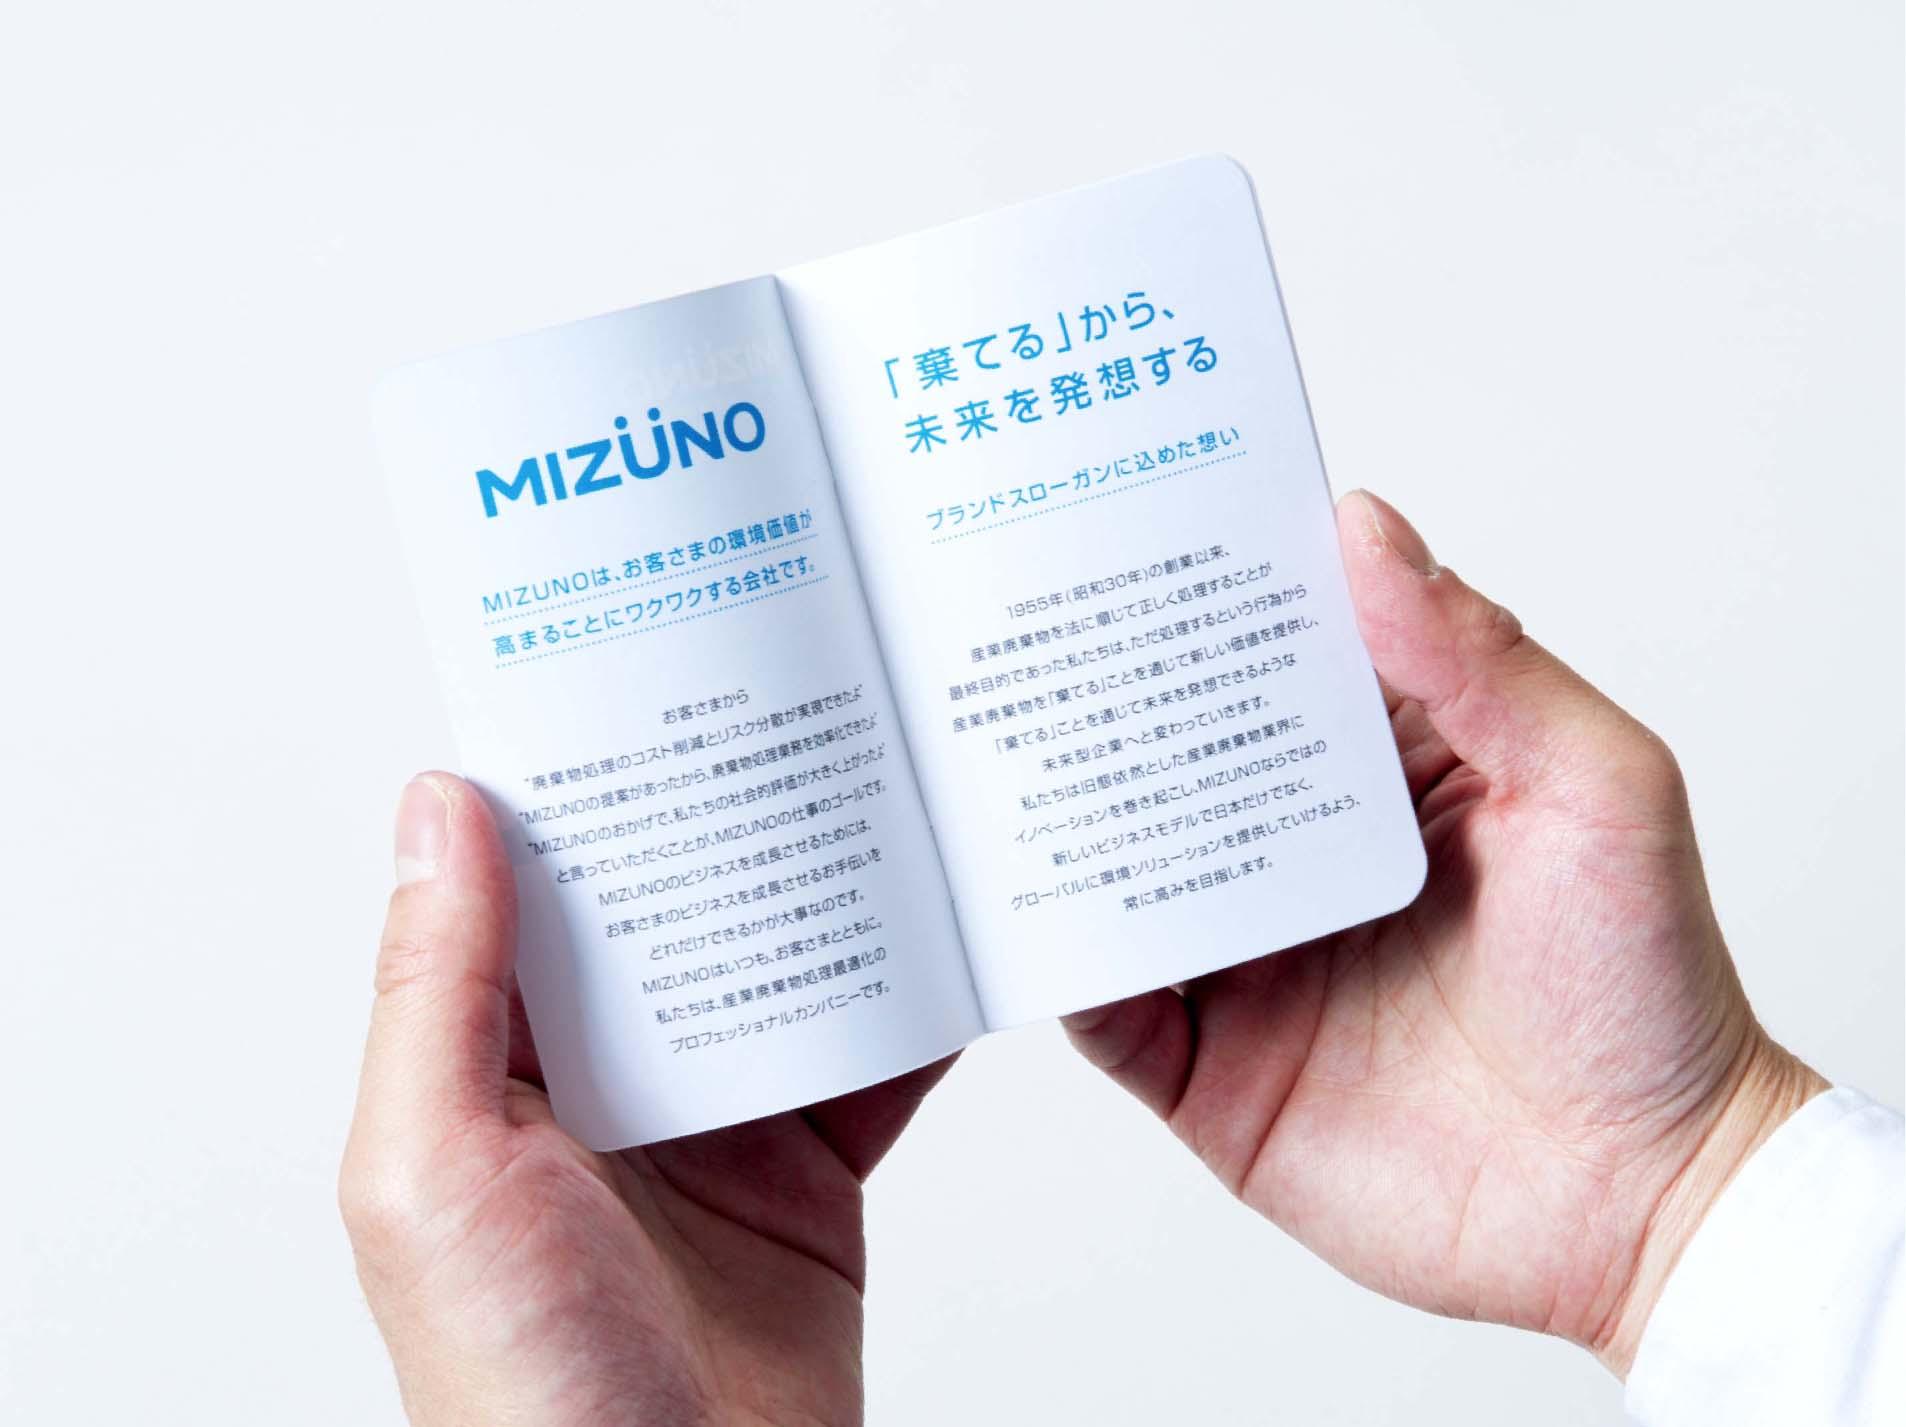 mizuno branding